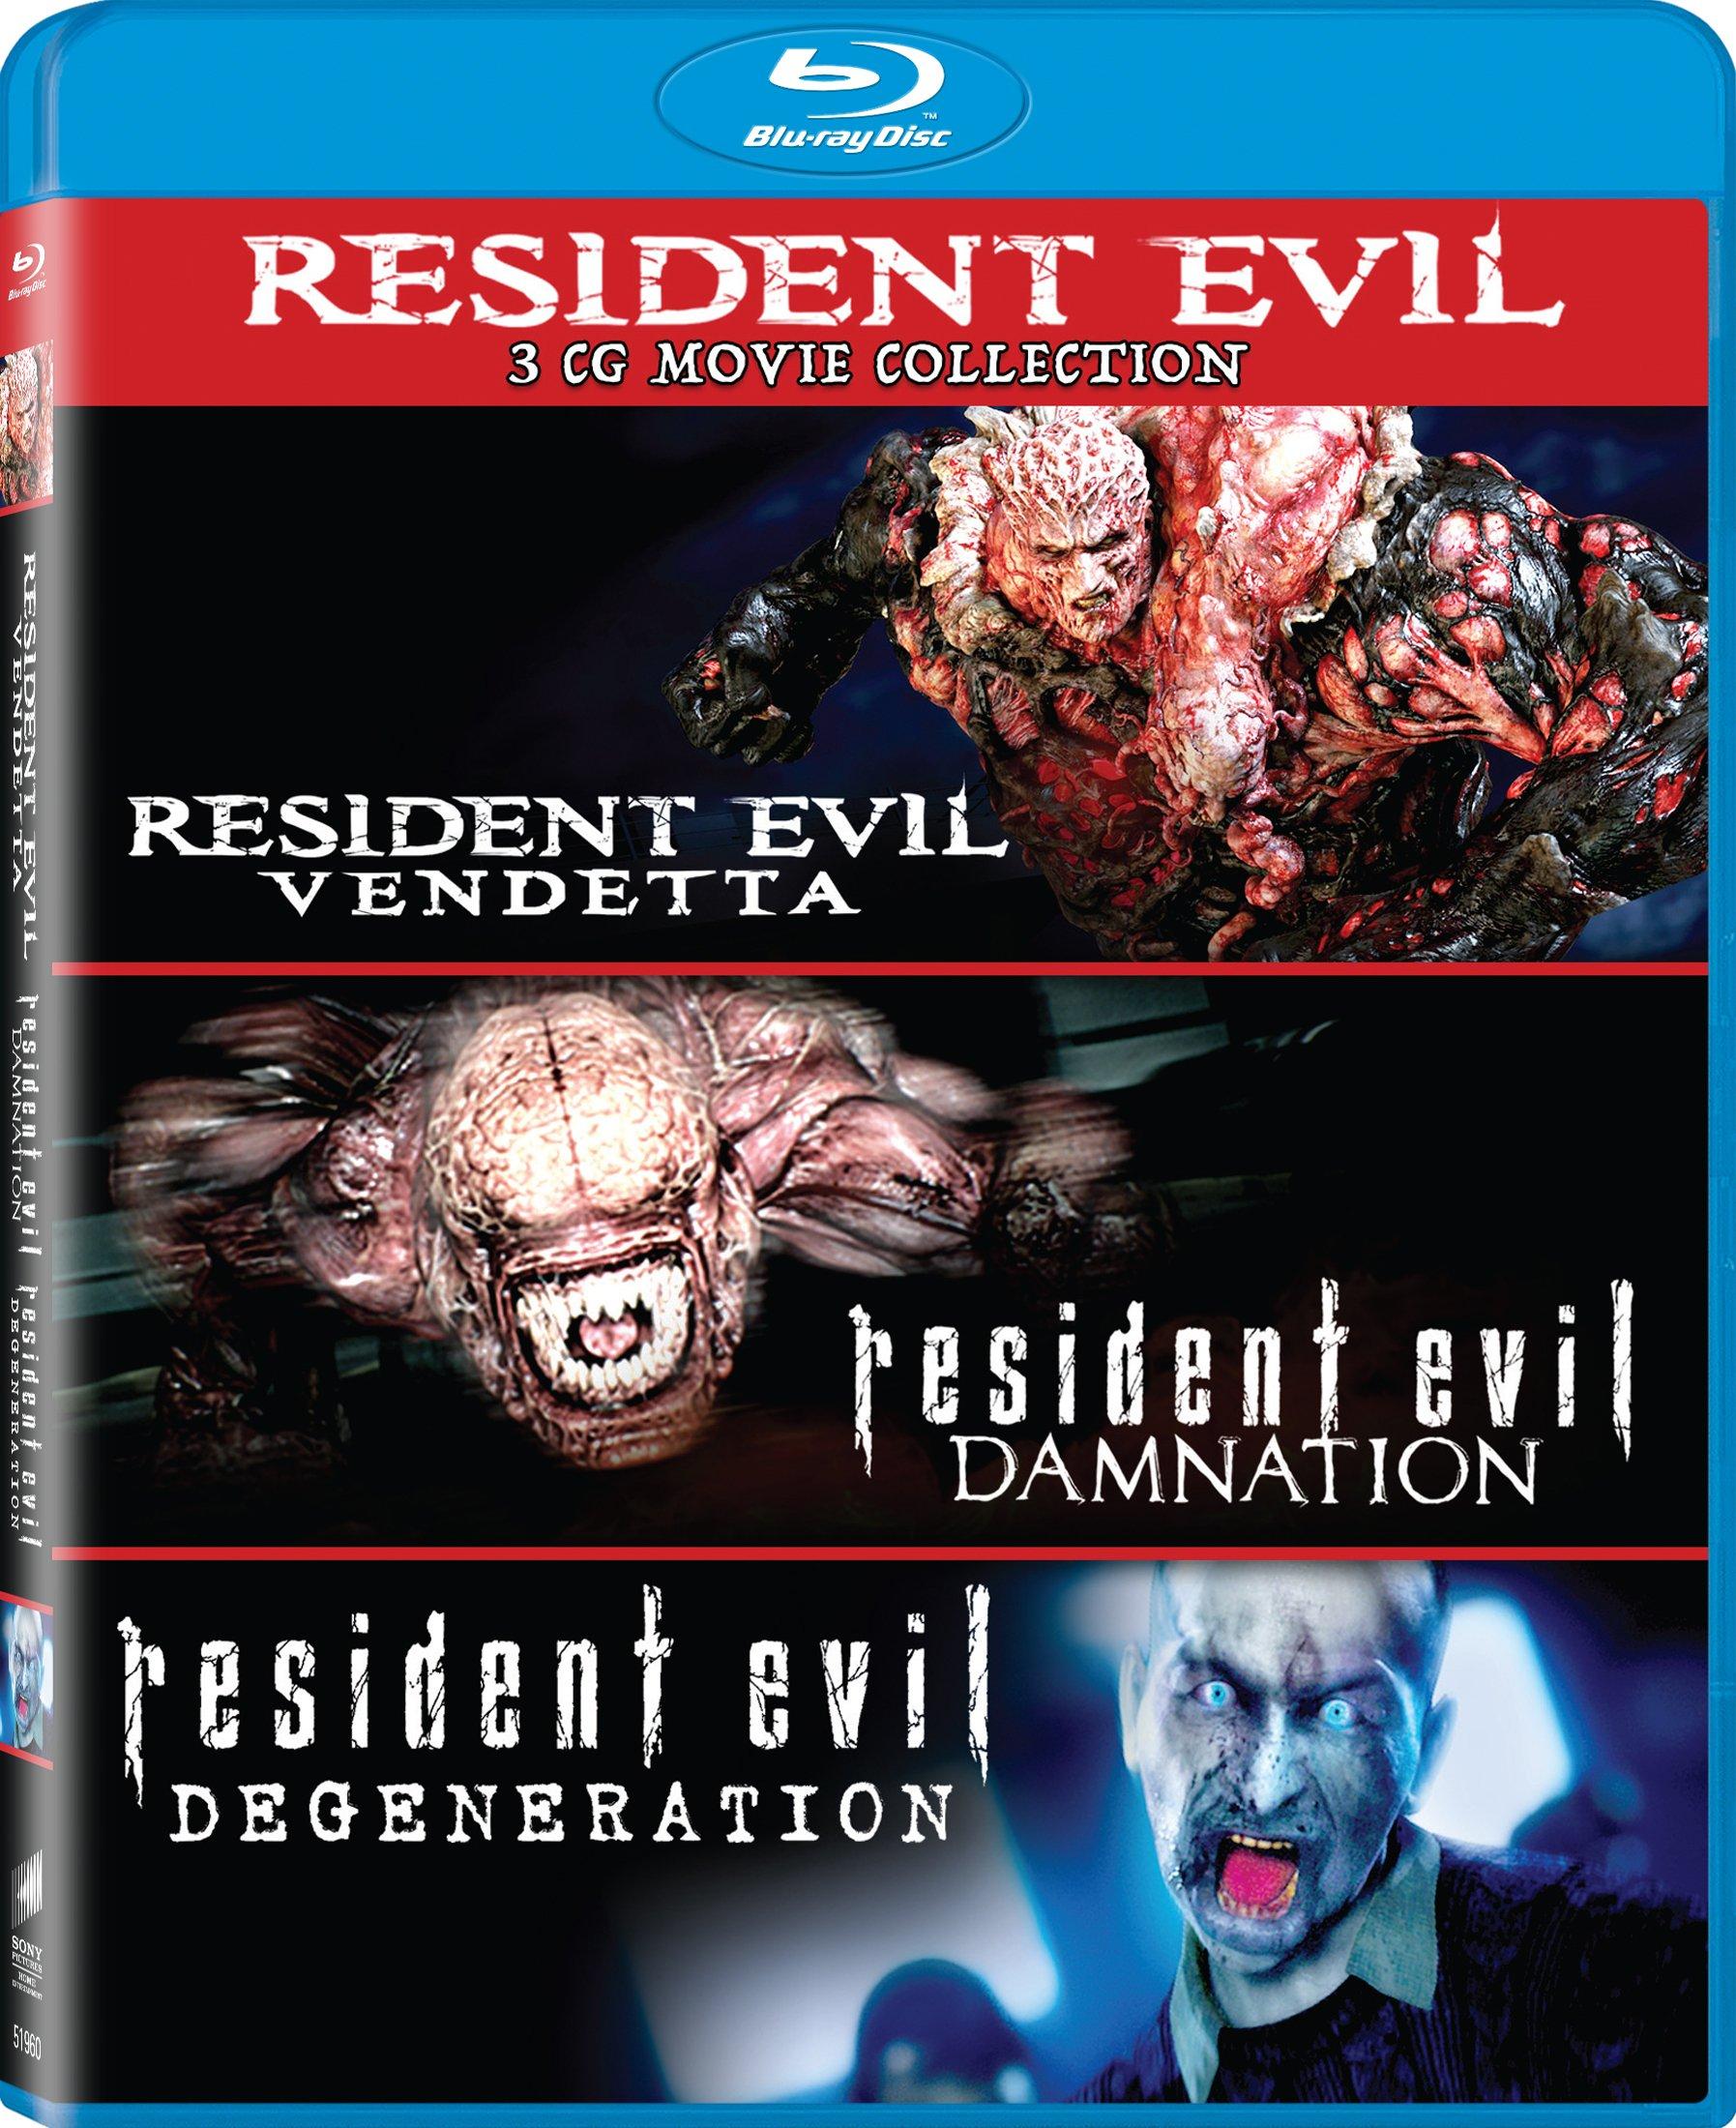 Blu-ray : Resident Evil: Damnation / Resident Evil: Degeneration / Resident Evil:Vendetta (Widescreen, Dolby, AC-3, , 3 Pack)